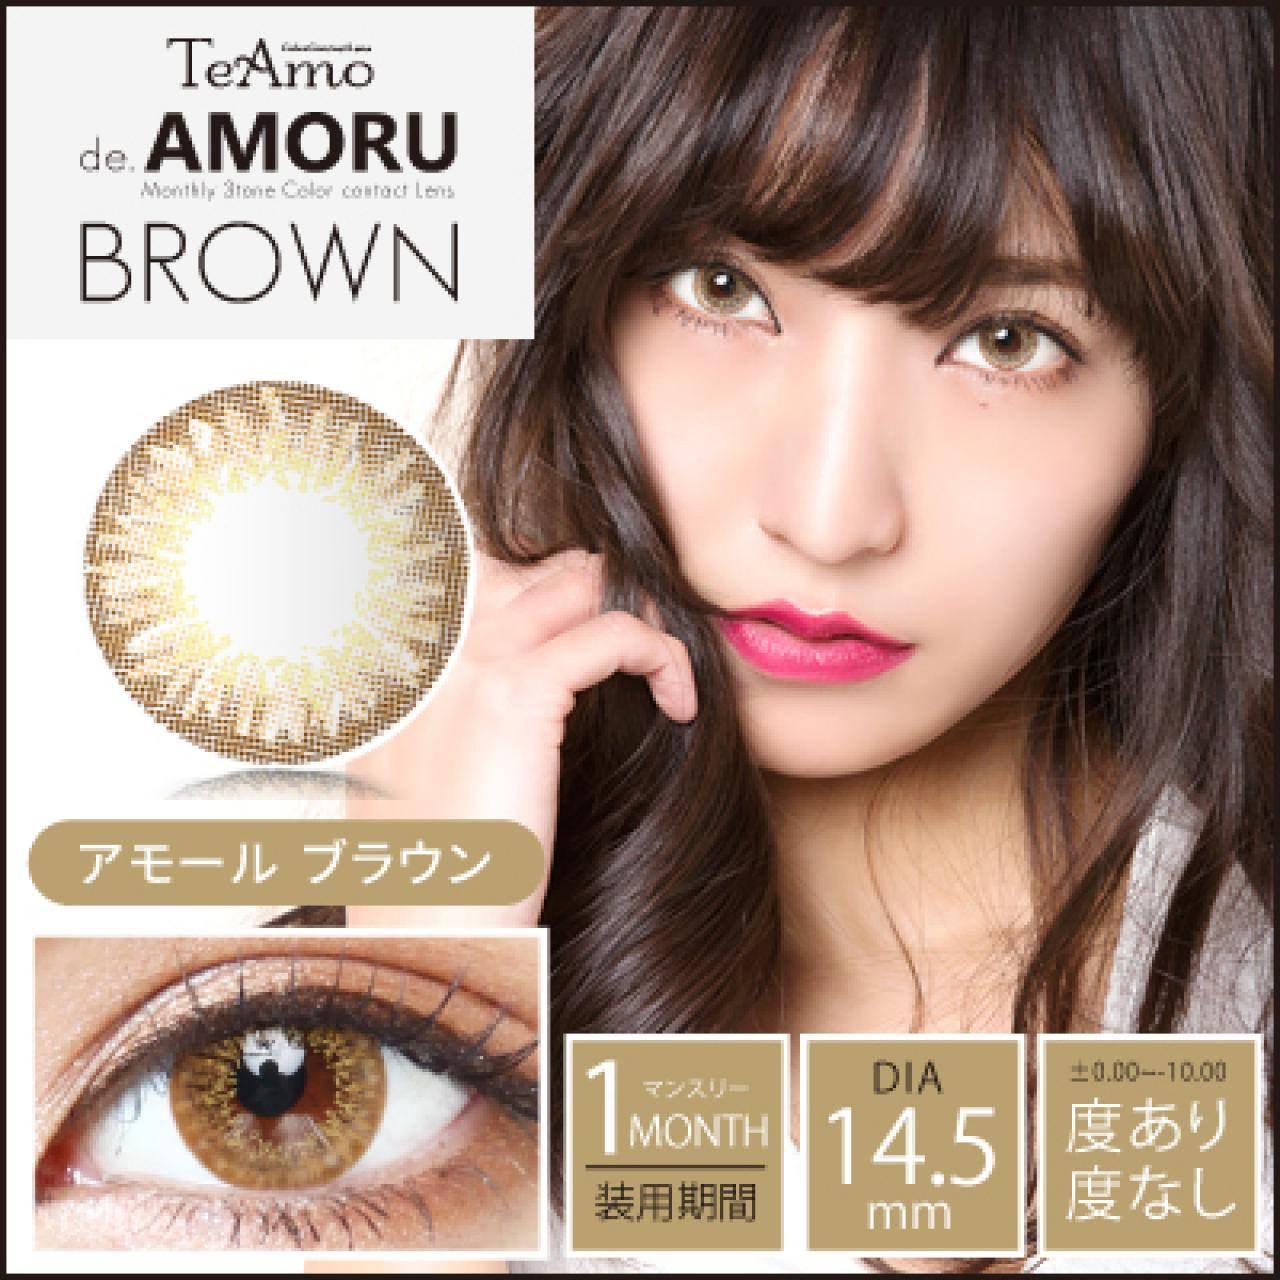 TeAmo(ティアモ) カラコン de.AMORU(ディ.アモール)  ブラウン